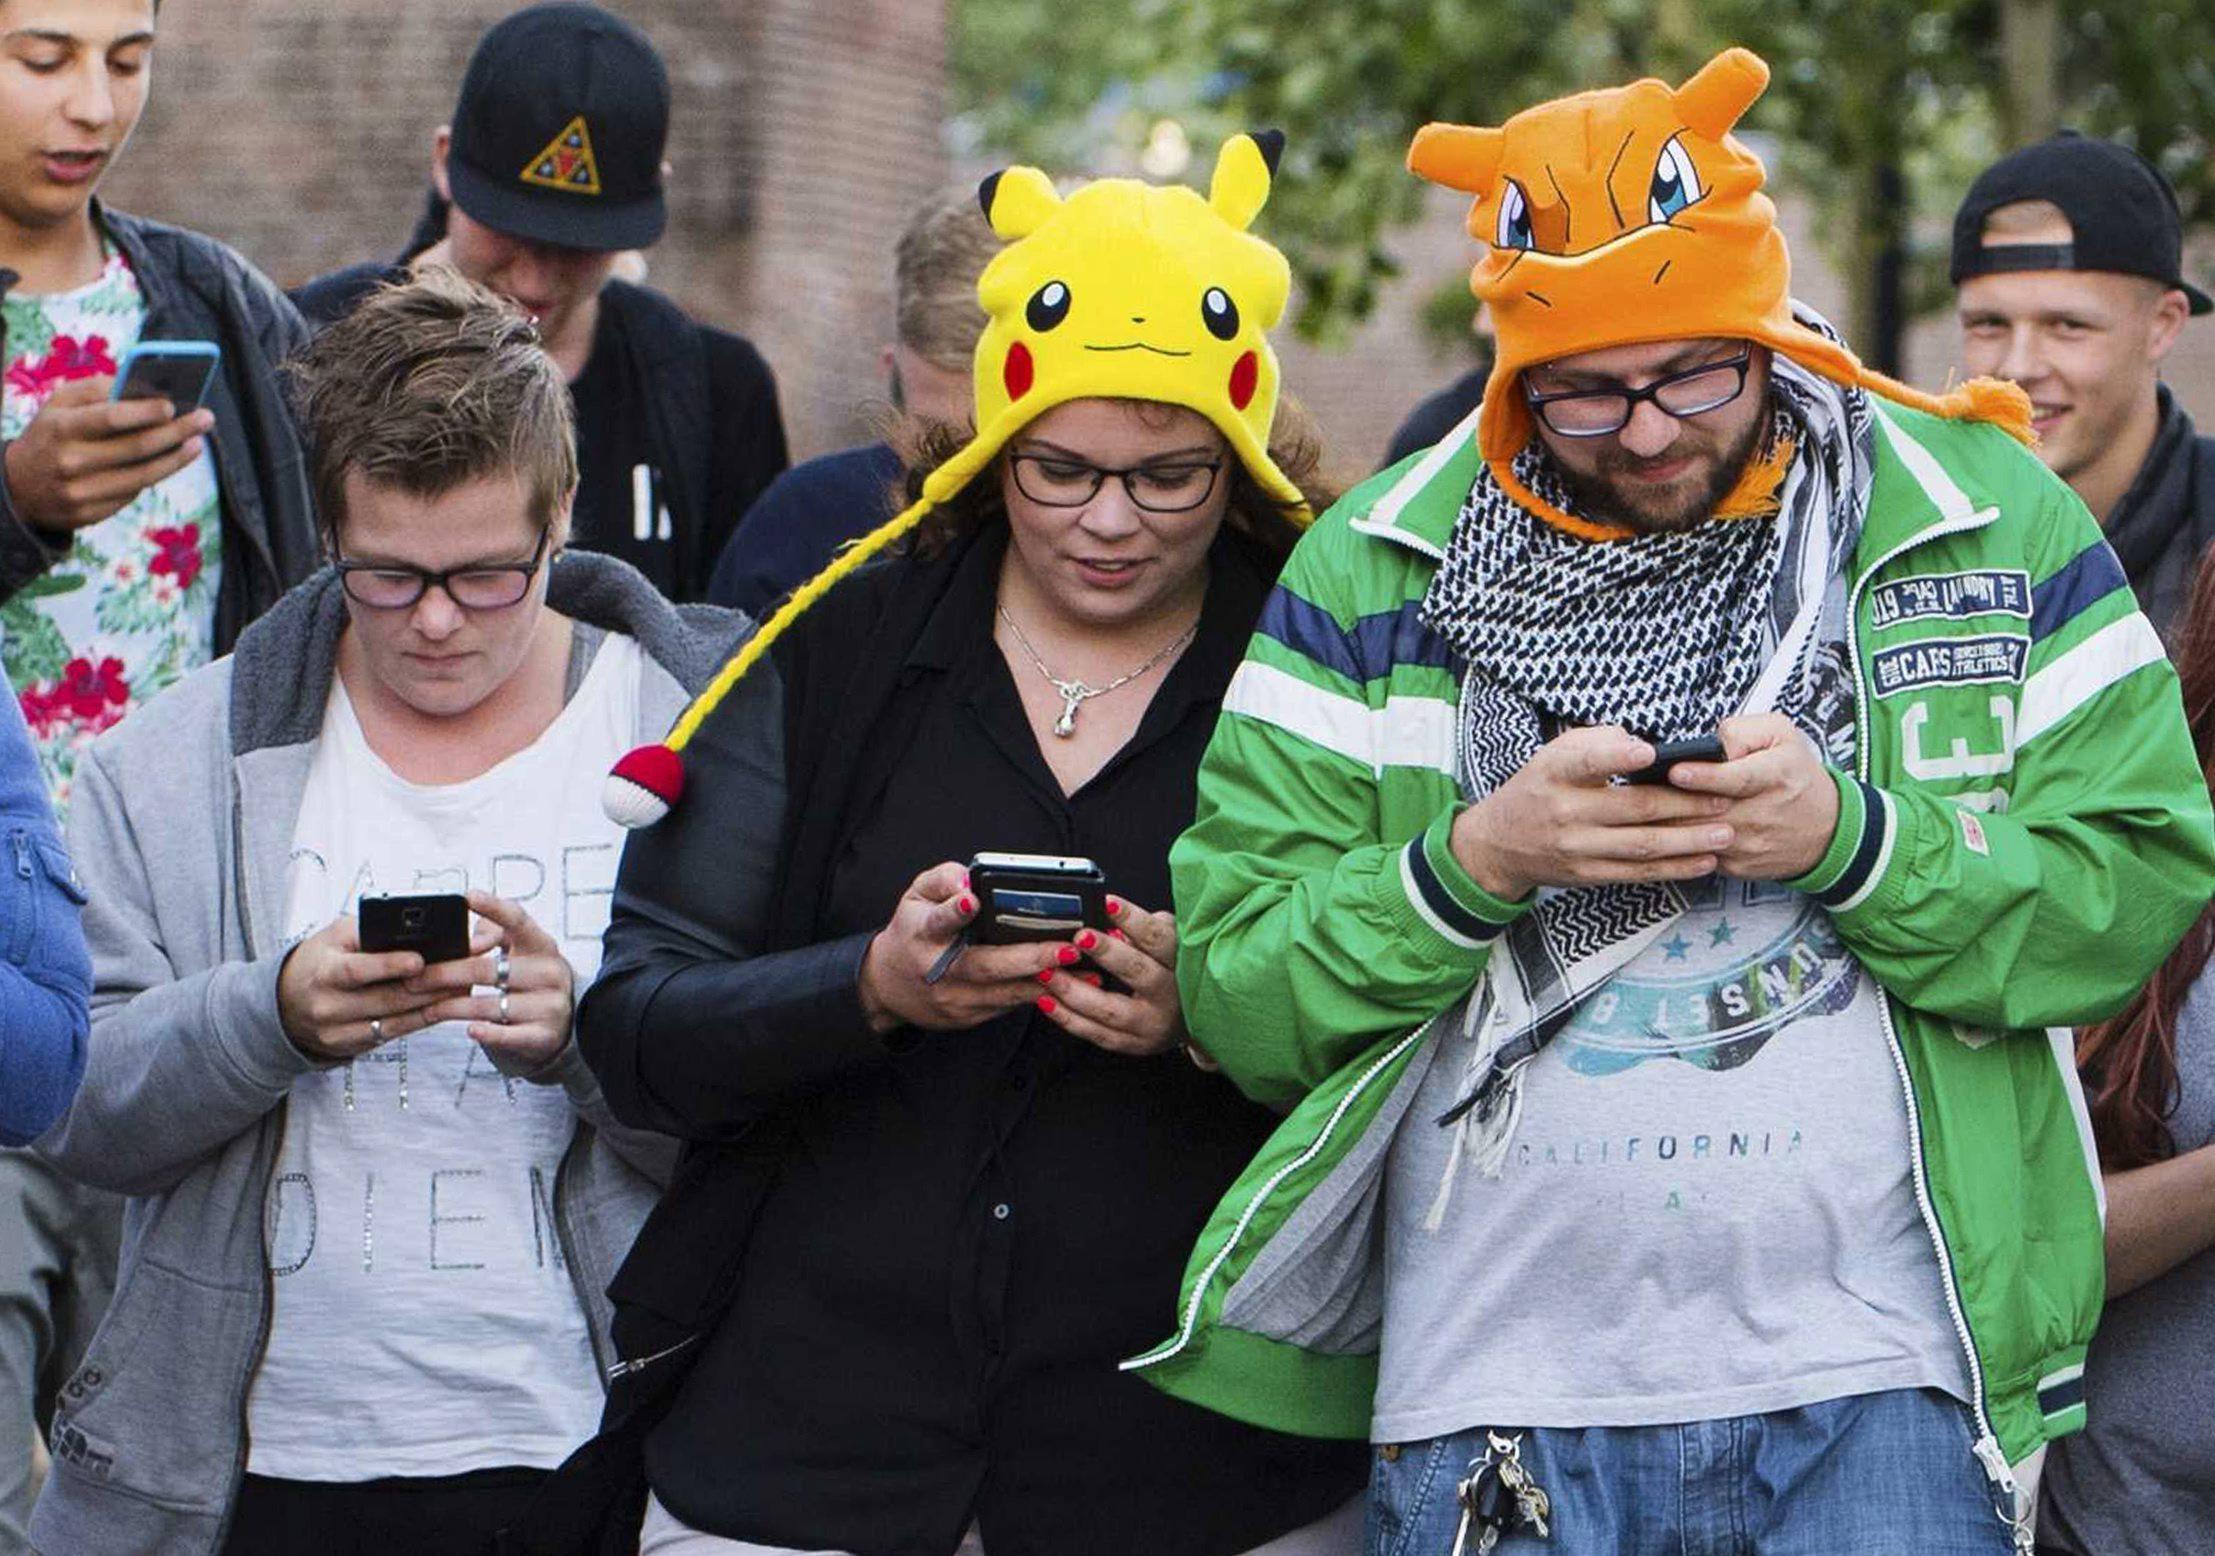 Qué locura el Pokemon Go!